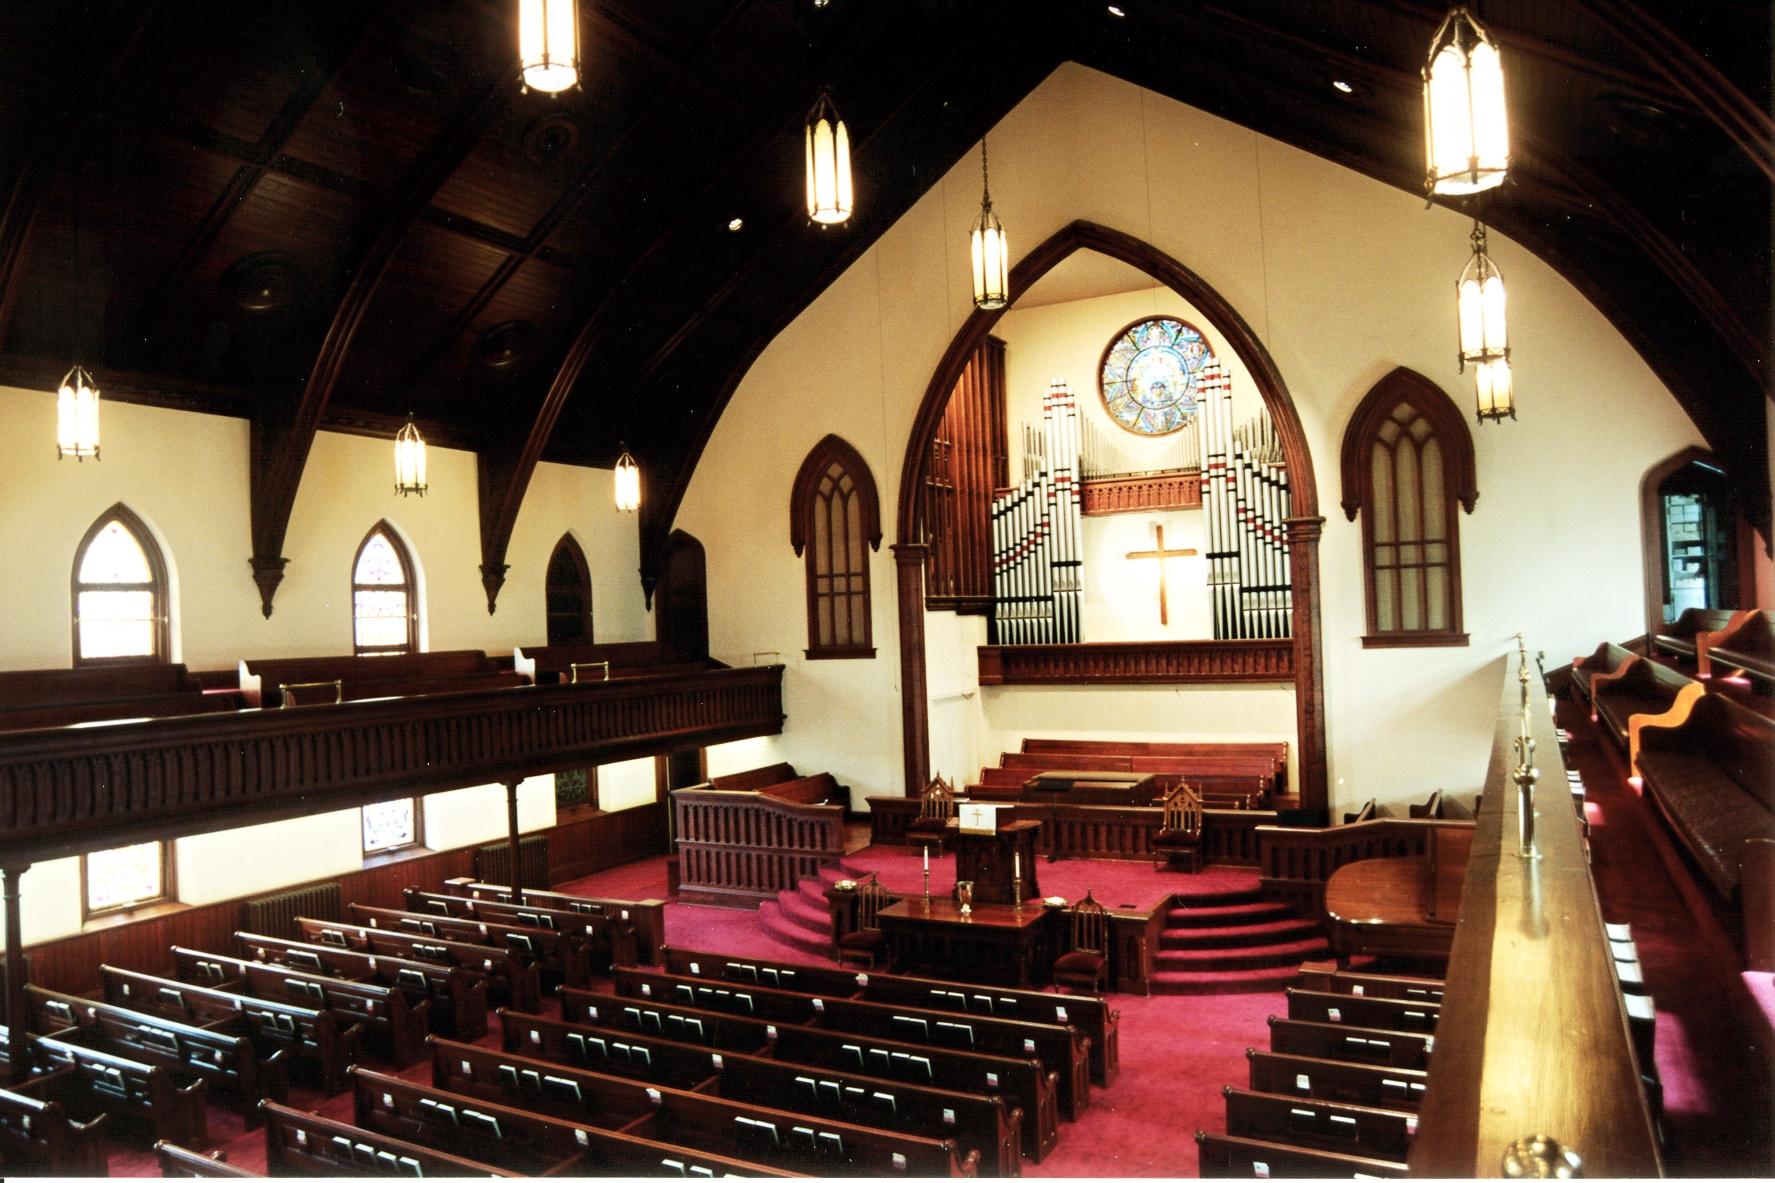 ADW-Faith-Based-Historic-Preservation-First-Baptist-Church-Wilington-NC-Interior.jpg